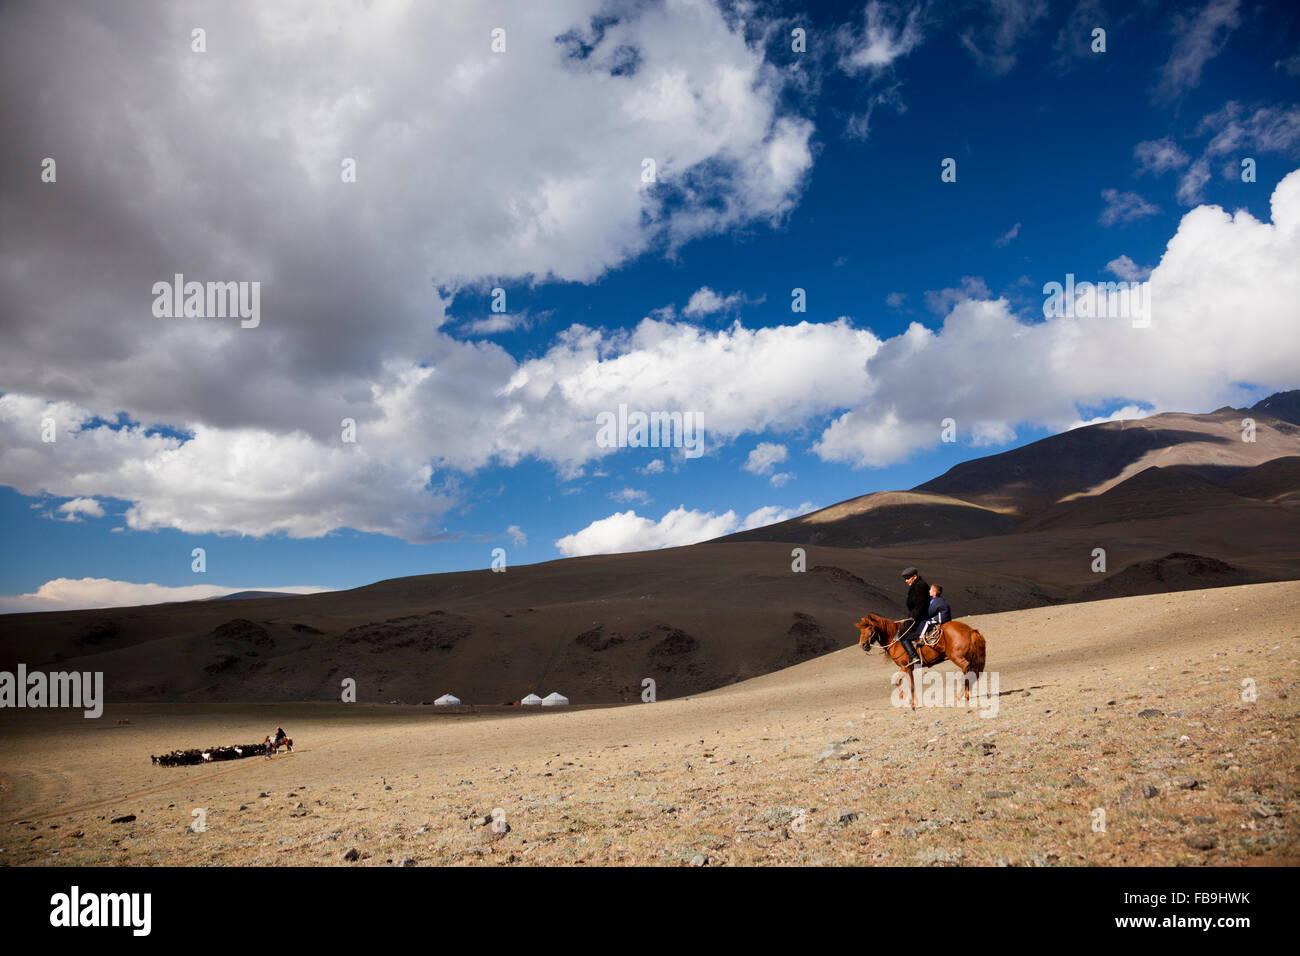 Un herder veglia sulla sua animali in Tsaast Uul valley, Mongolia occidentale. Immagini Stock